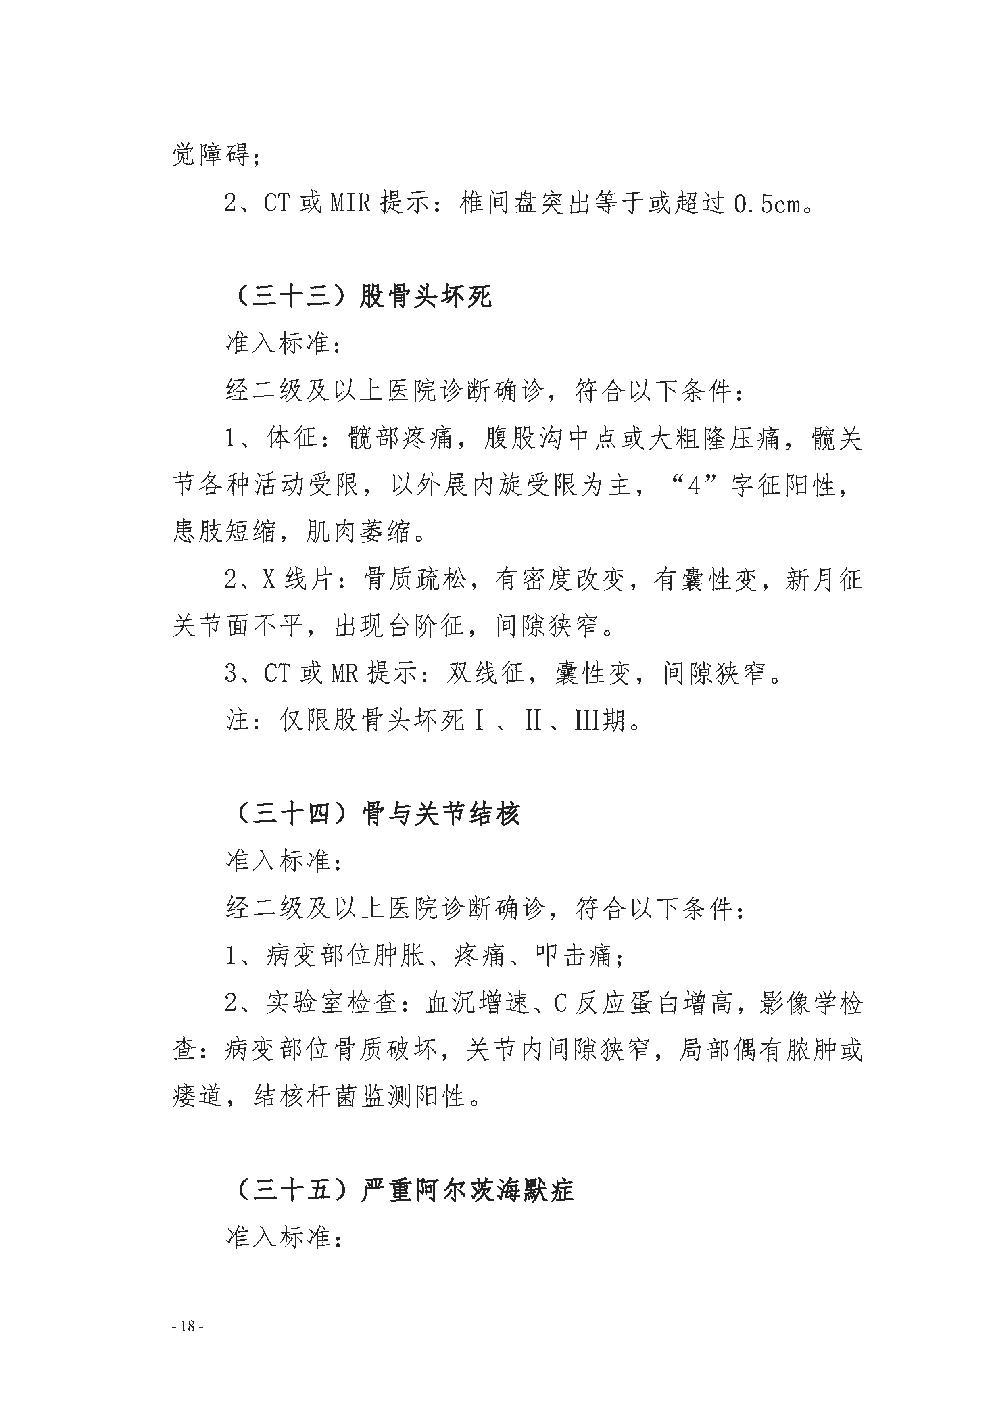 阜阳市城乡居民慢性病管理办法(1)_18.JPG